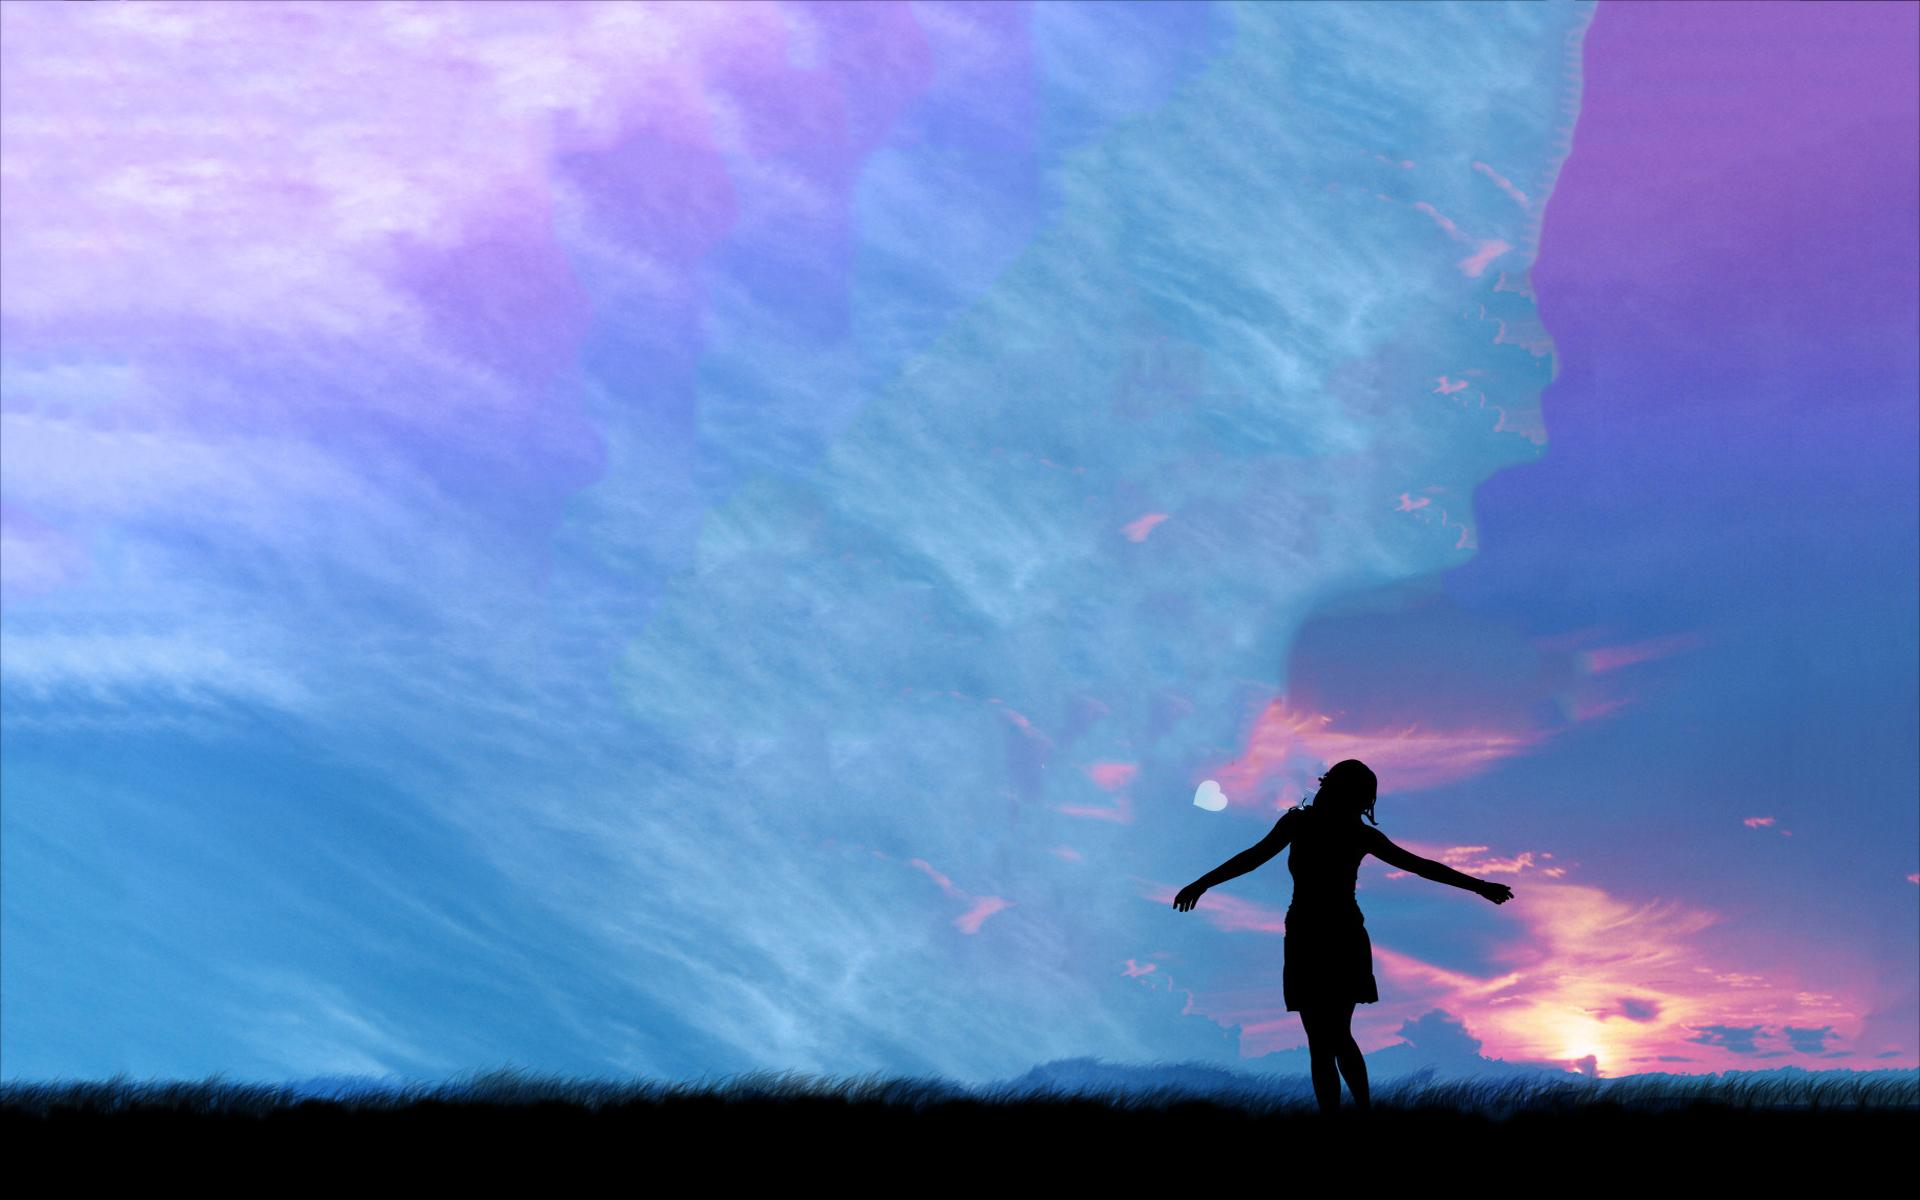 Sunset girl artwork